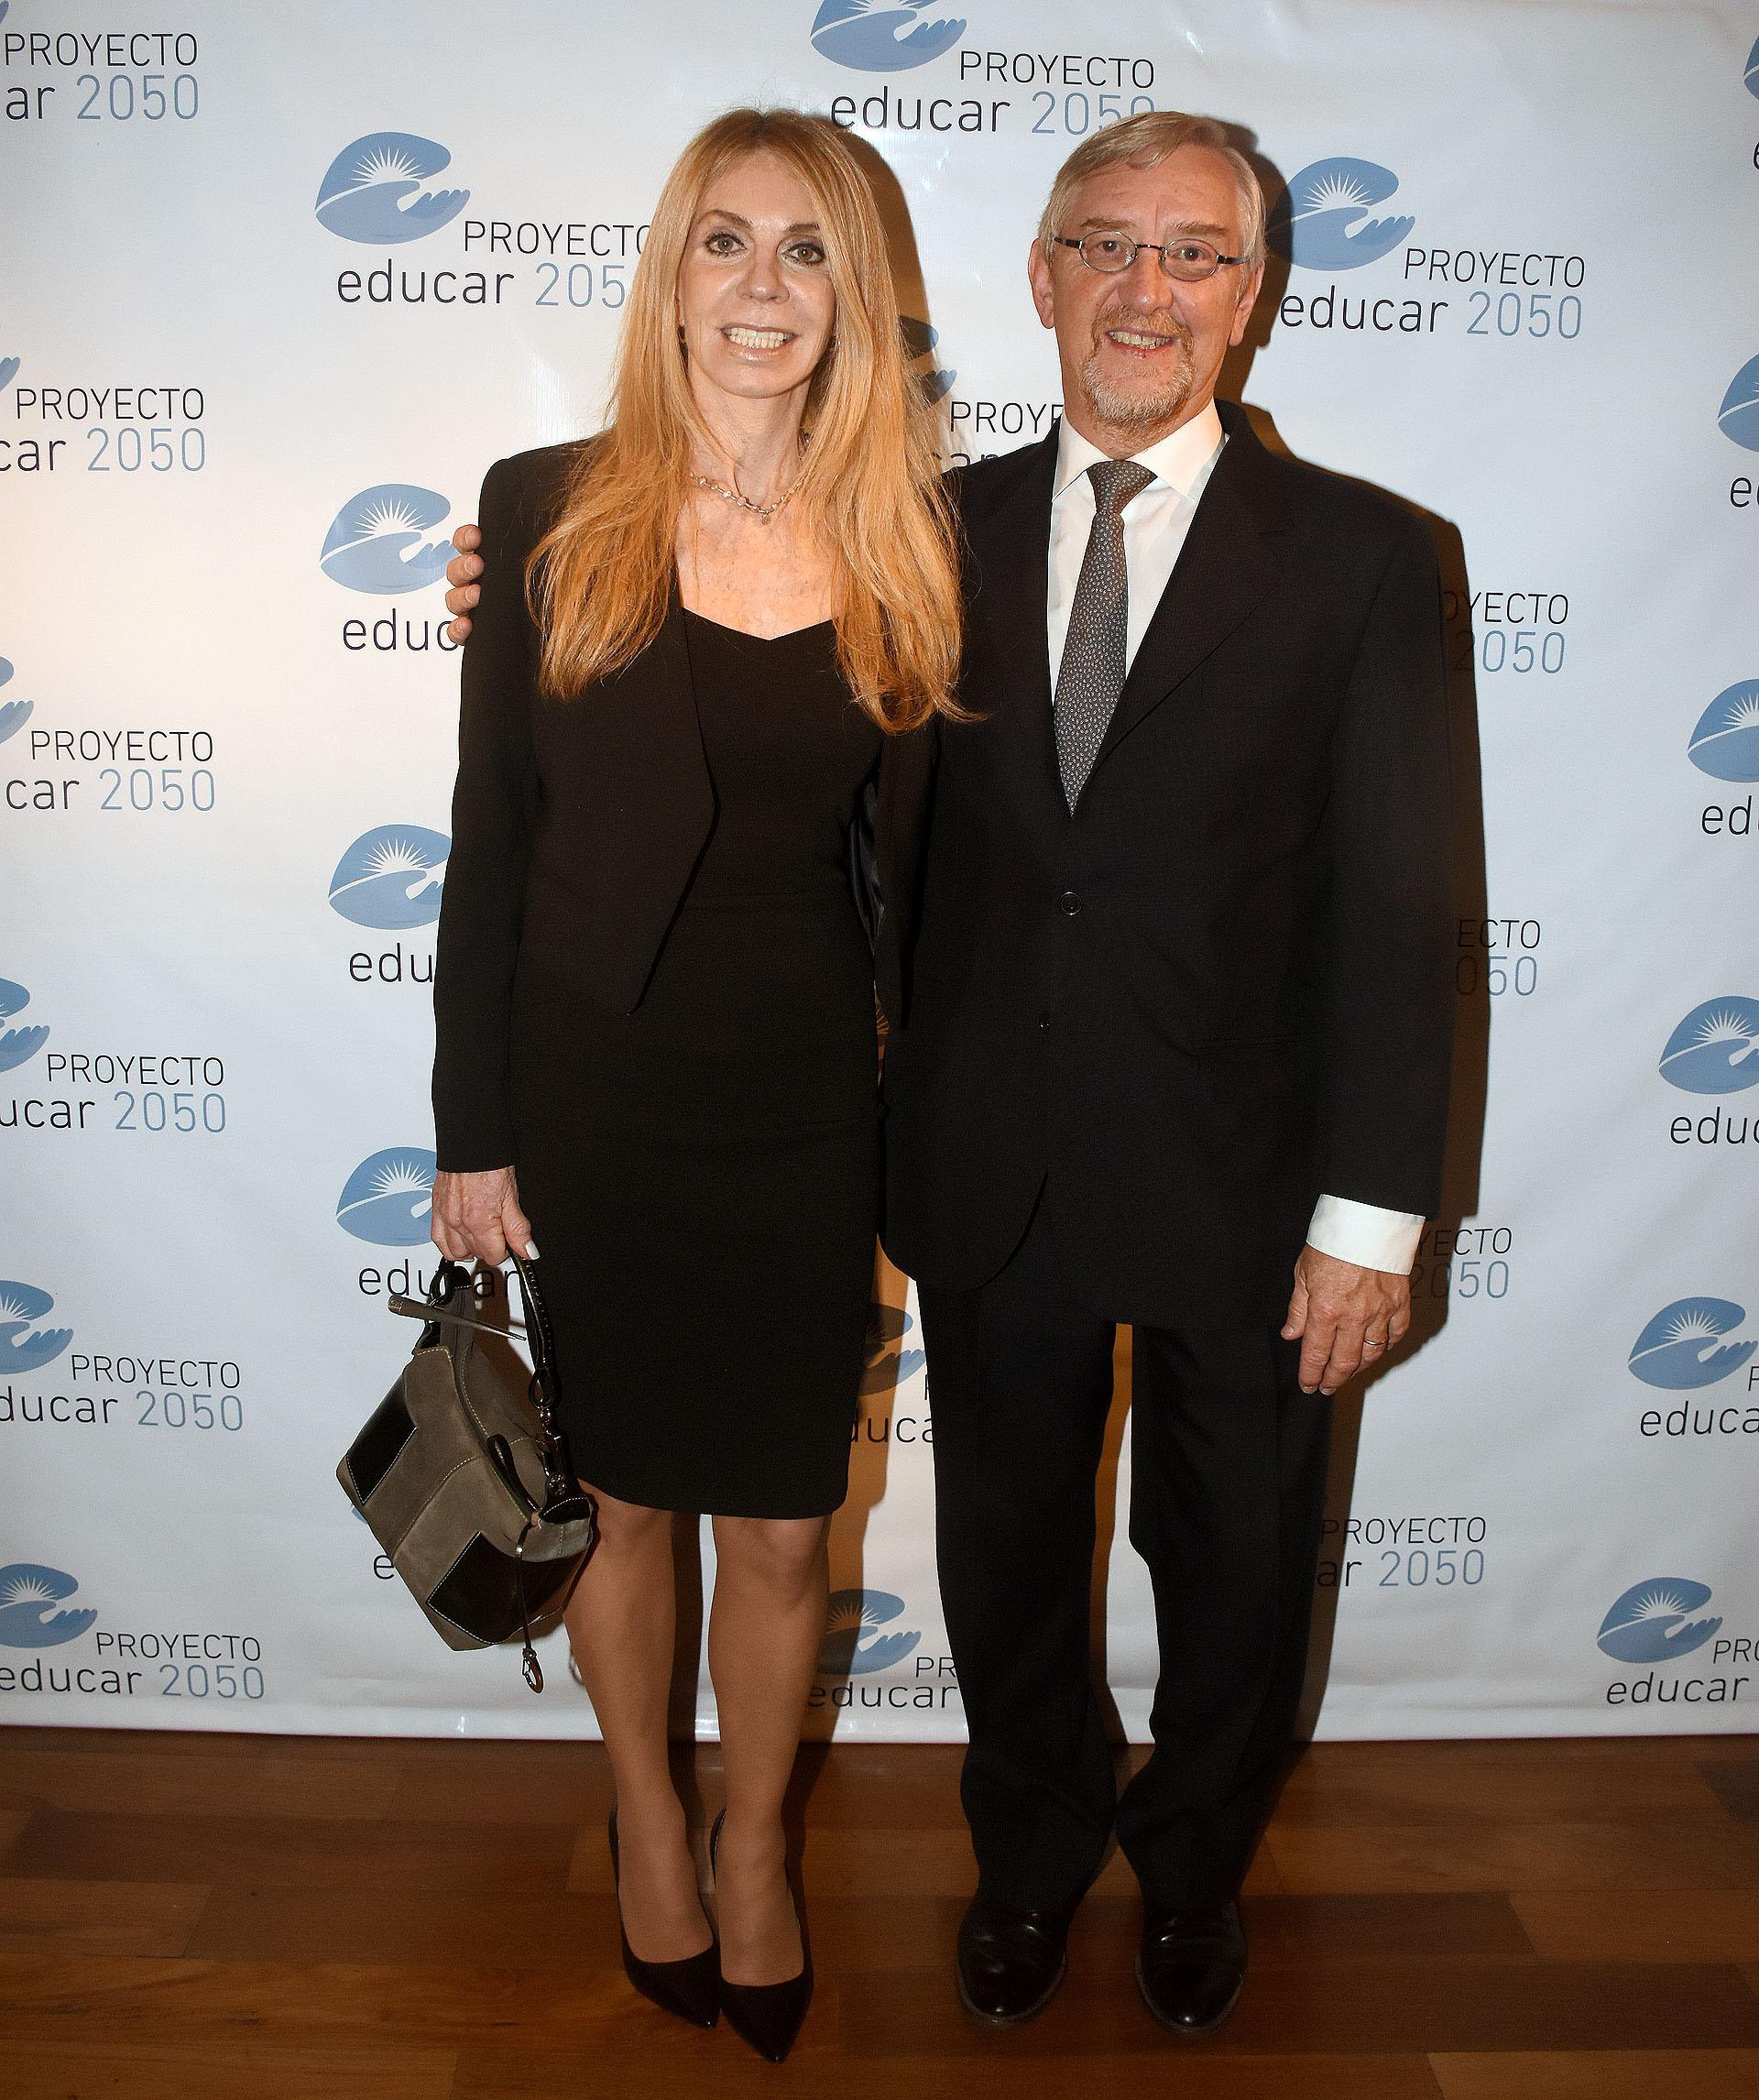 Silvia Pérez y Manuel Álvarez Trongé